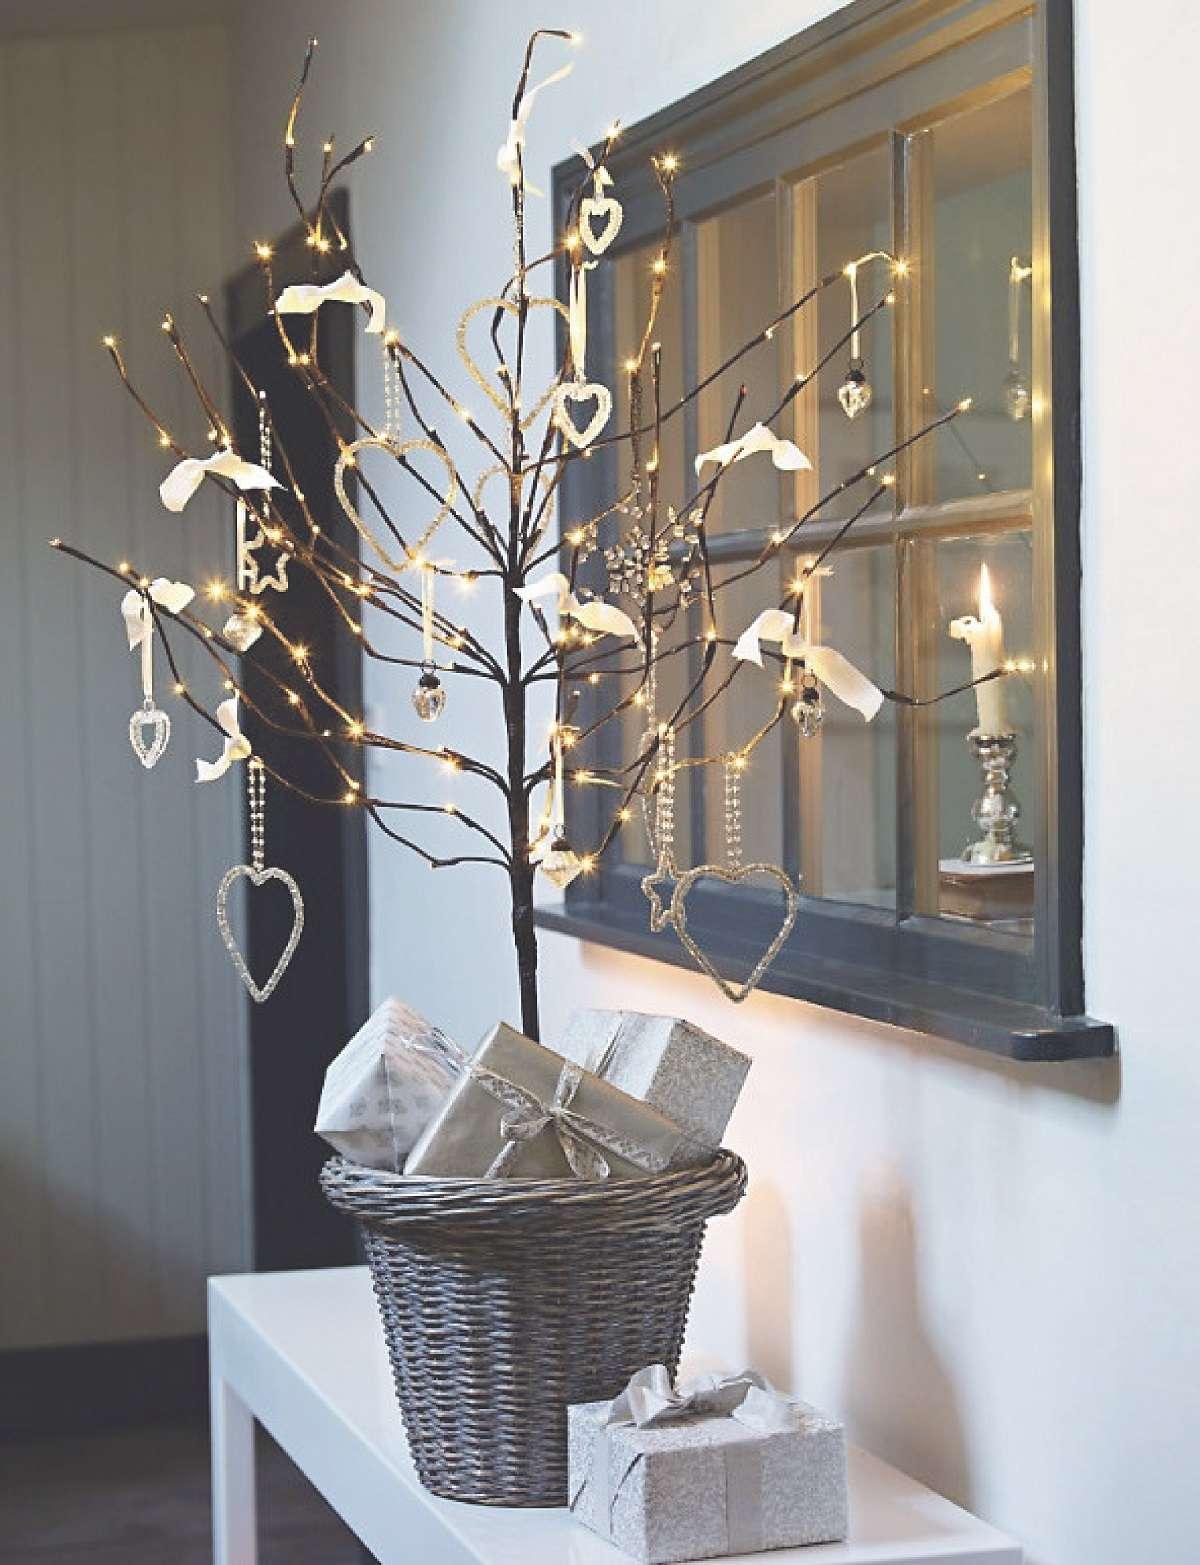 Árboles de Navidad originales y caseros para decorar tu casa 11